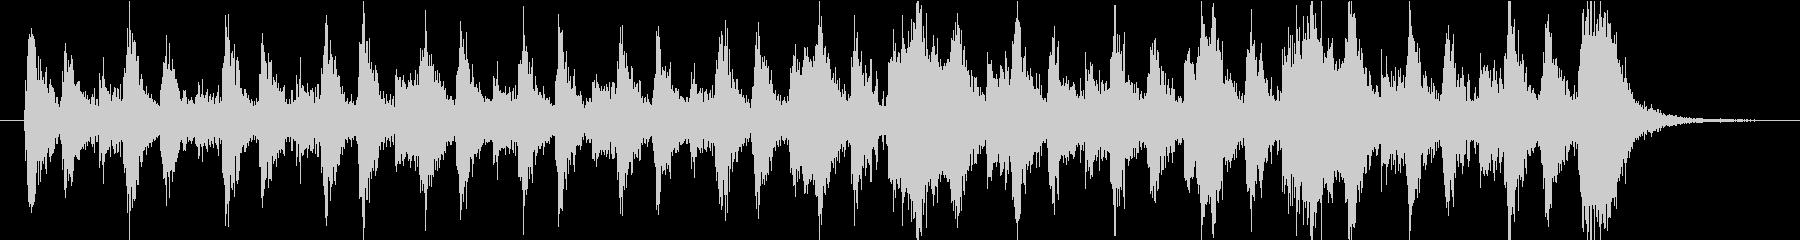 軽快で力強いオーケストラの未再生の波形